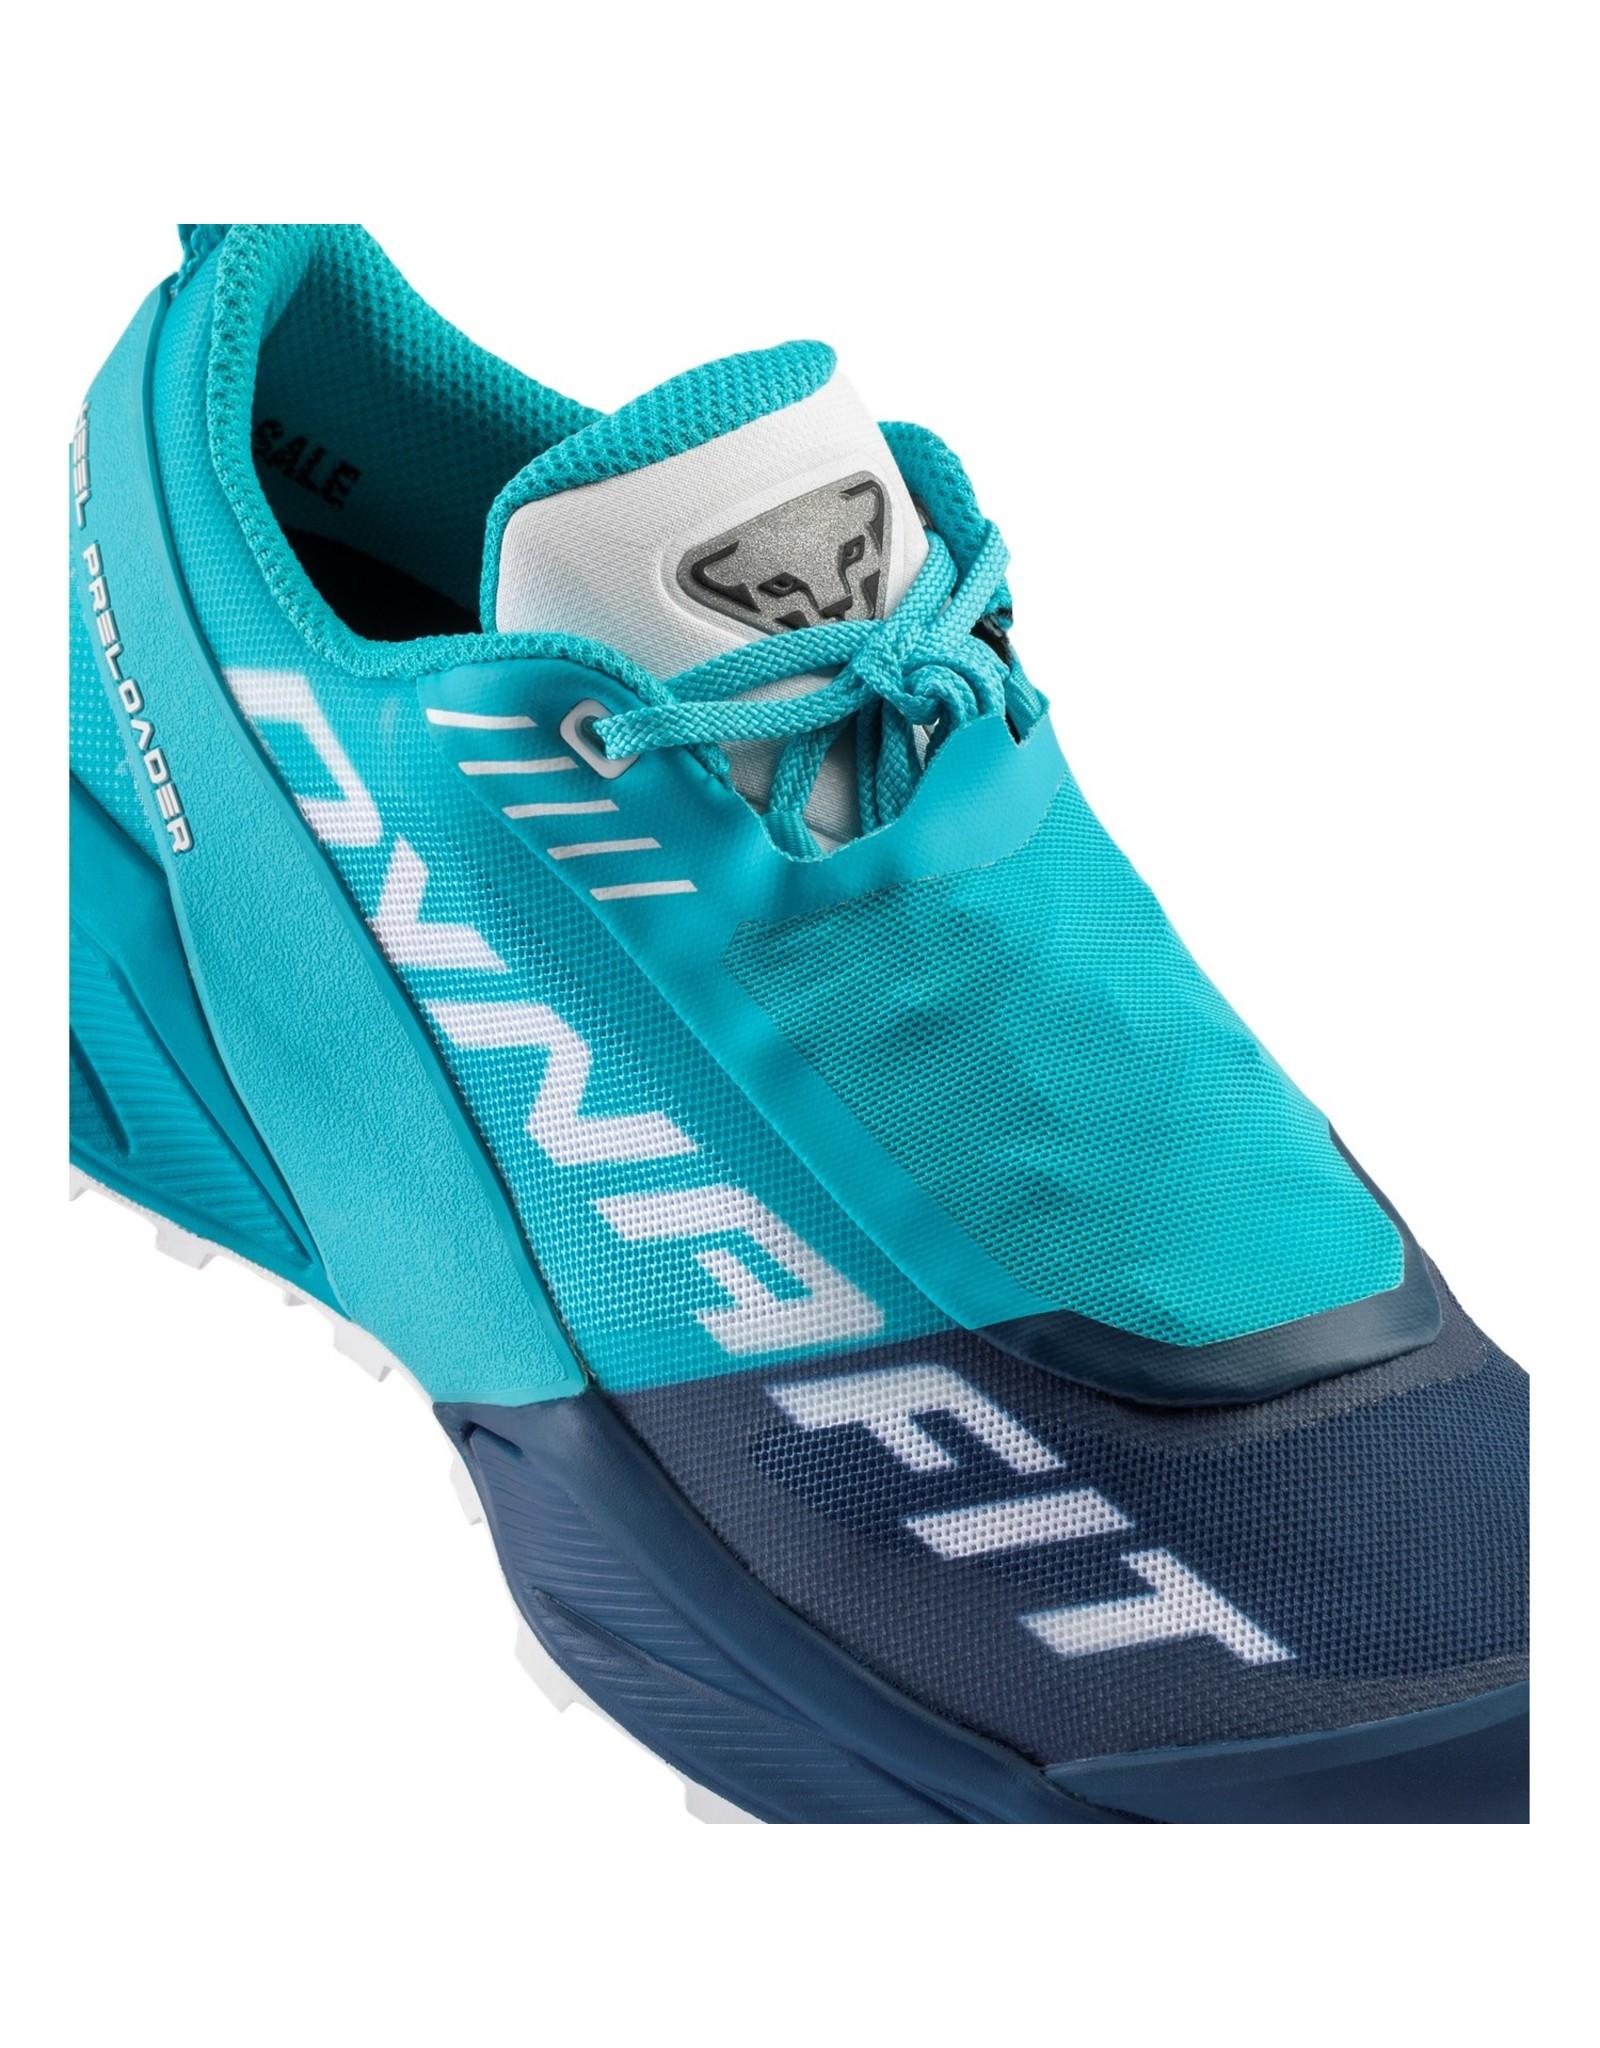 Dynafit Ultra 100 women's shoe